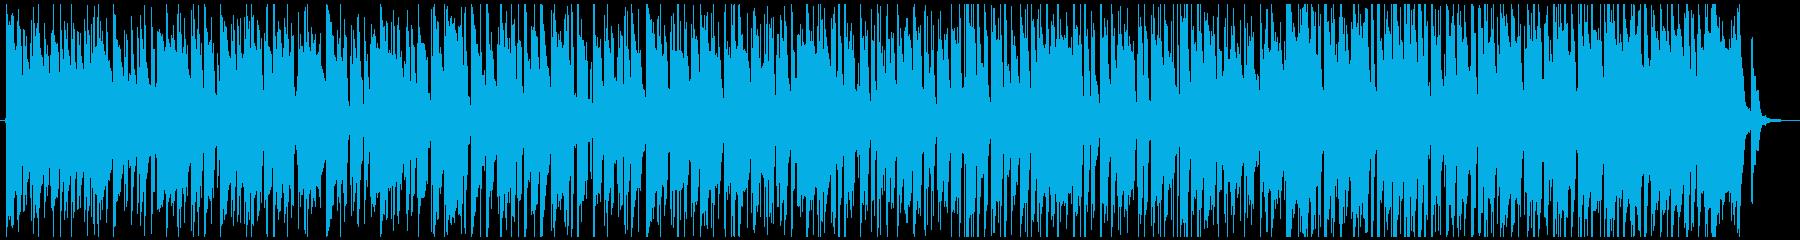 サラサラ ジャズ ブルース ほのぼ...の再生済みの波形